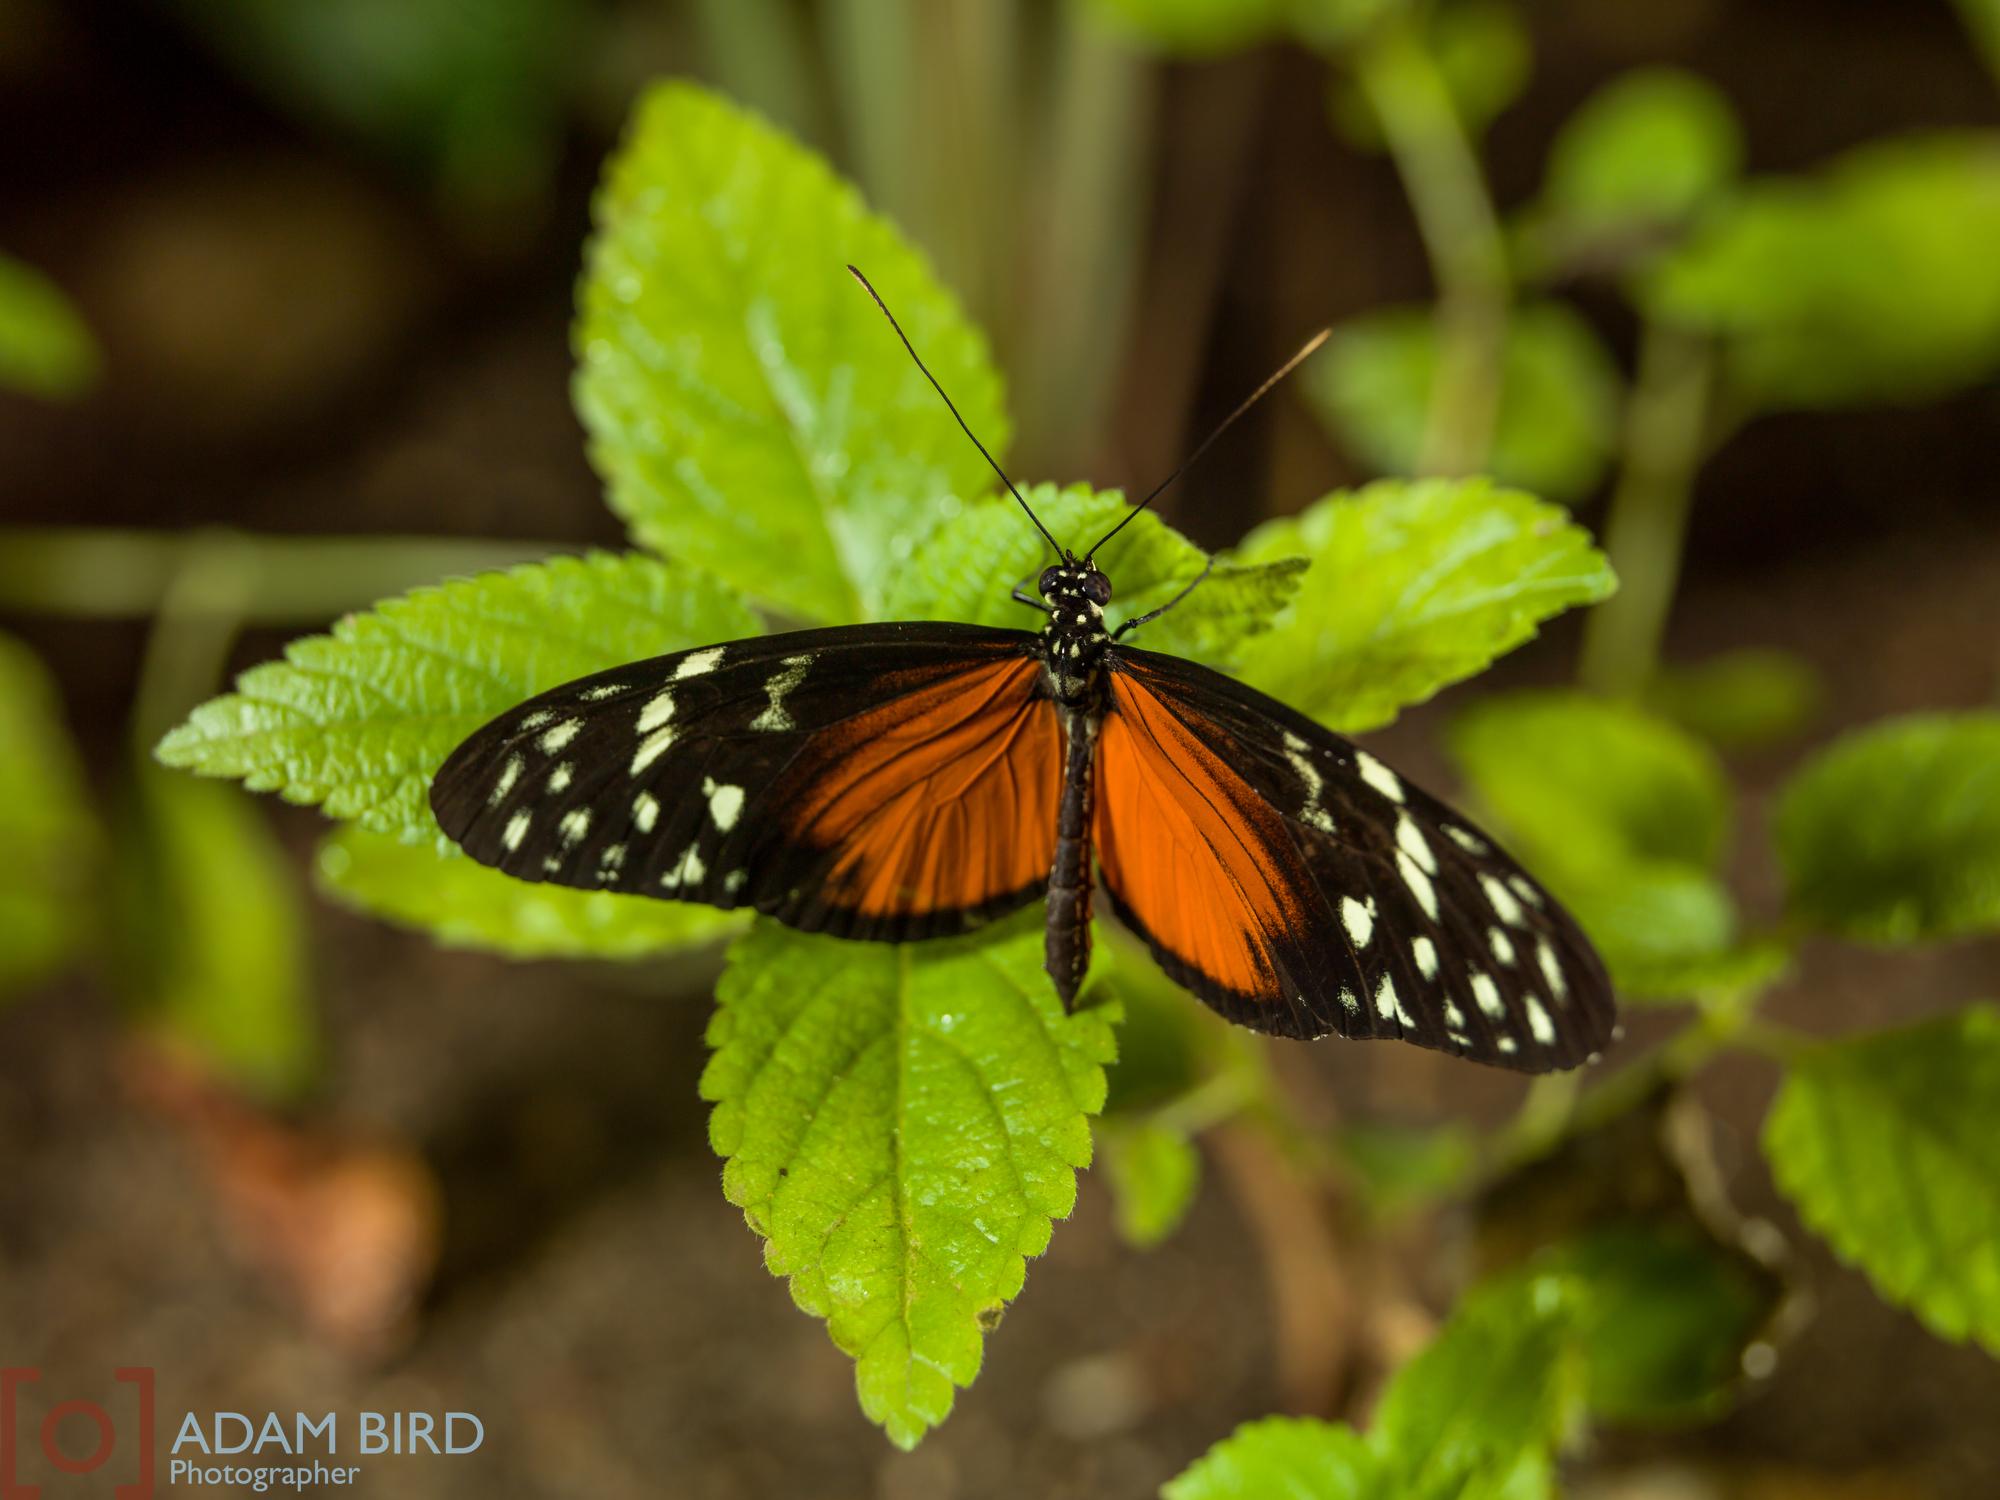 frederik_meijer_butterflies014.JPG